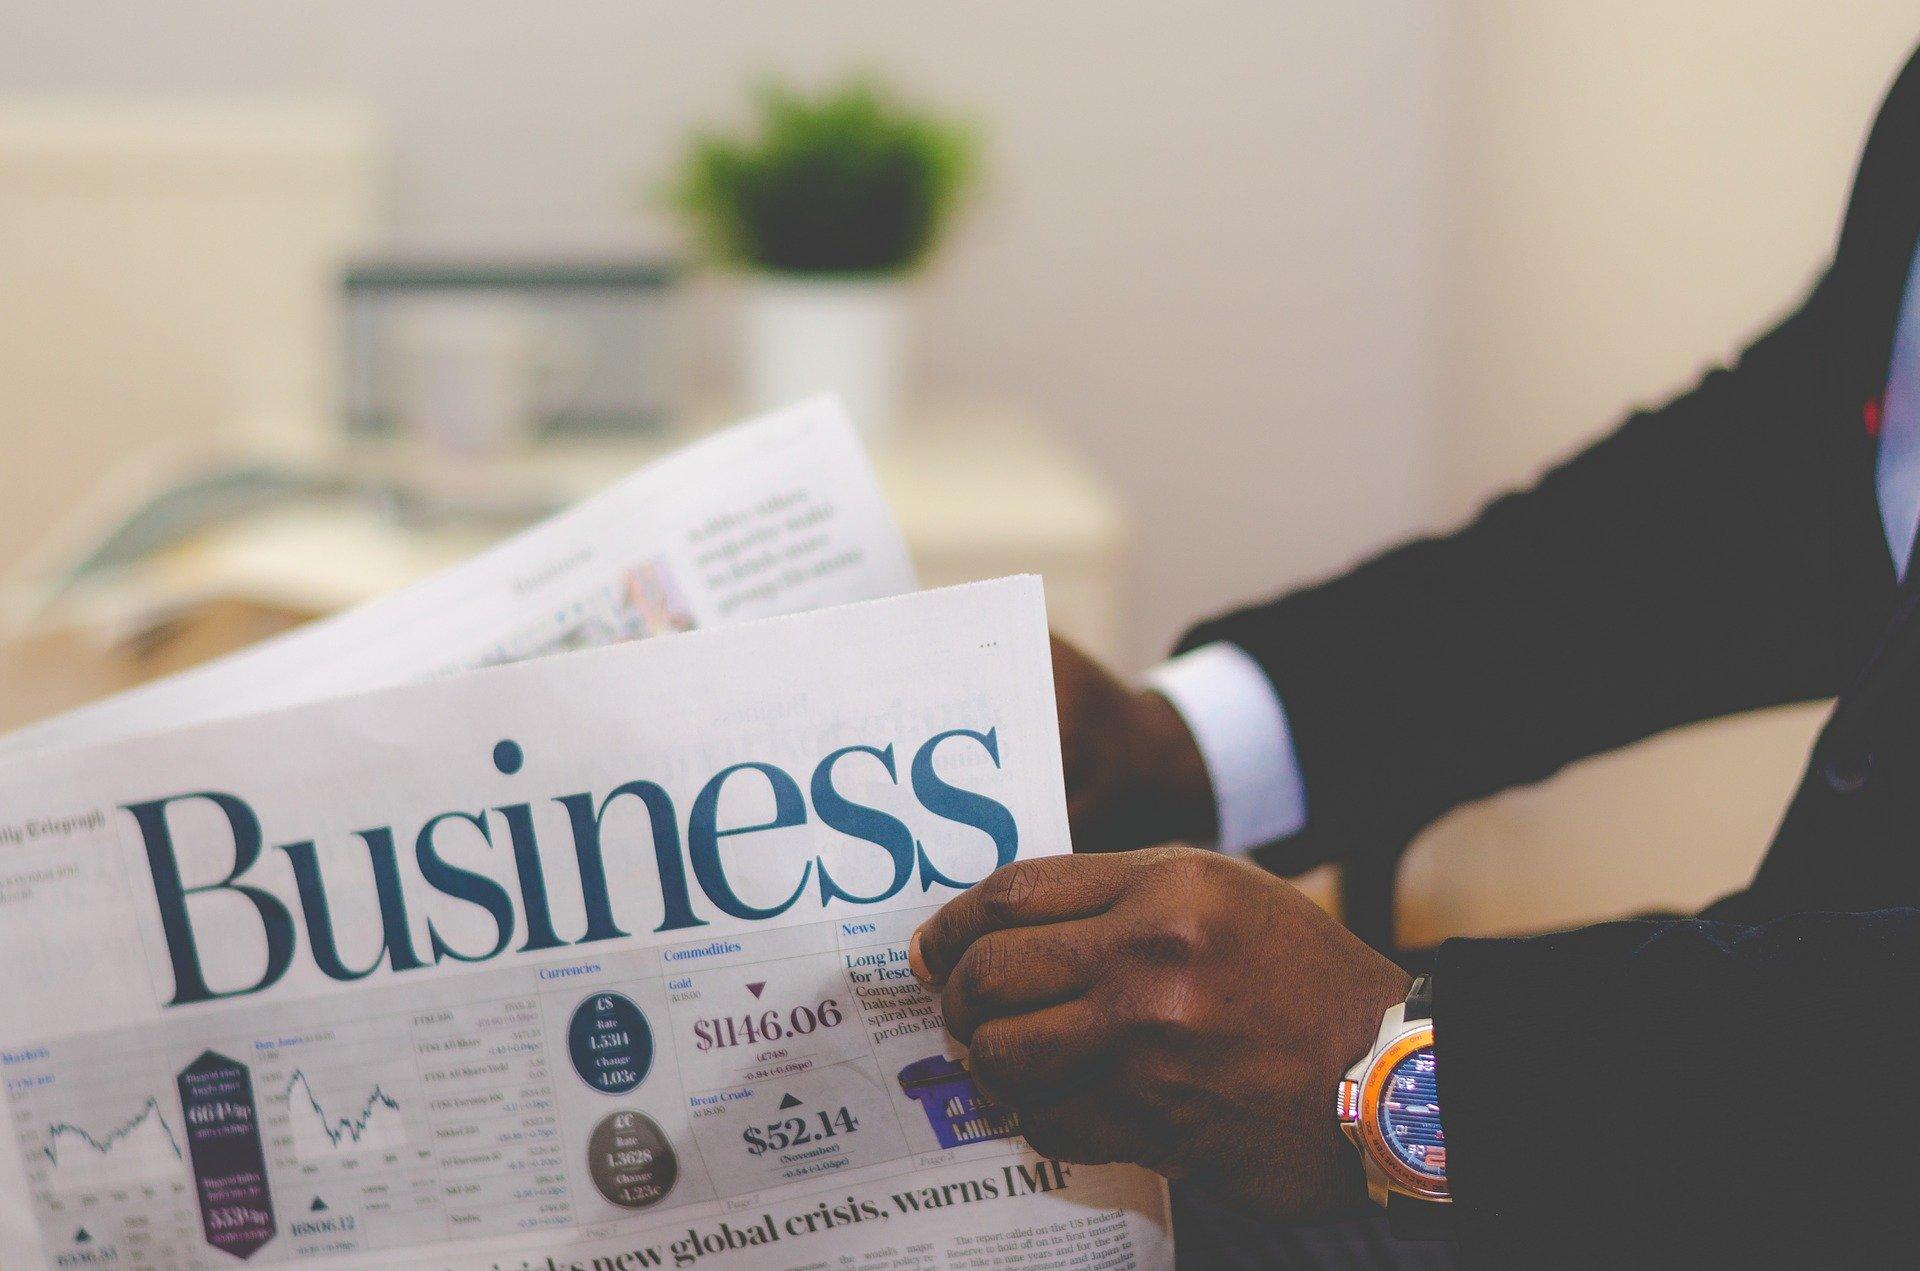 ビジネスコンサルタントとは?仕事内容や志望動機のコツまで解説!